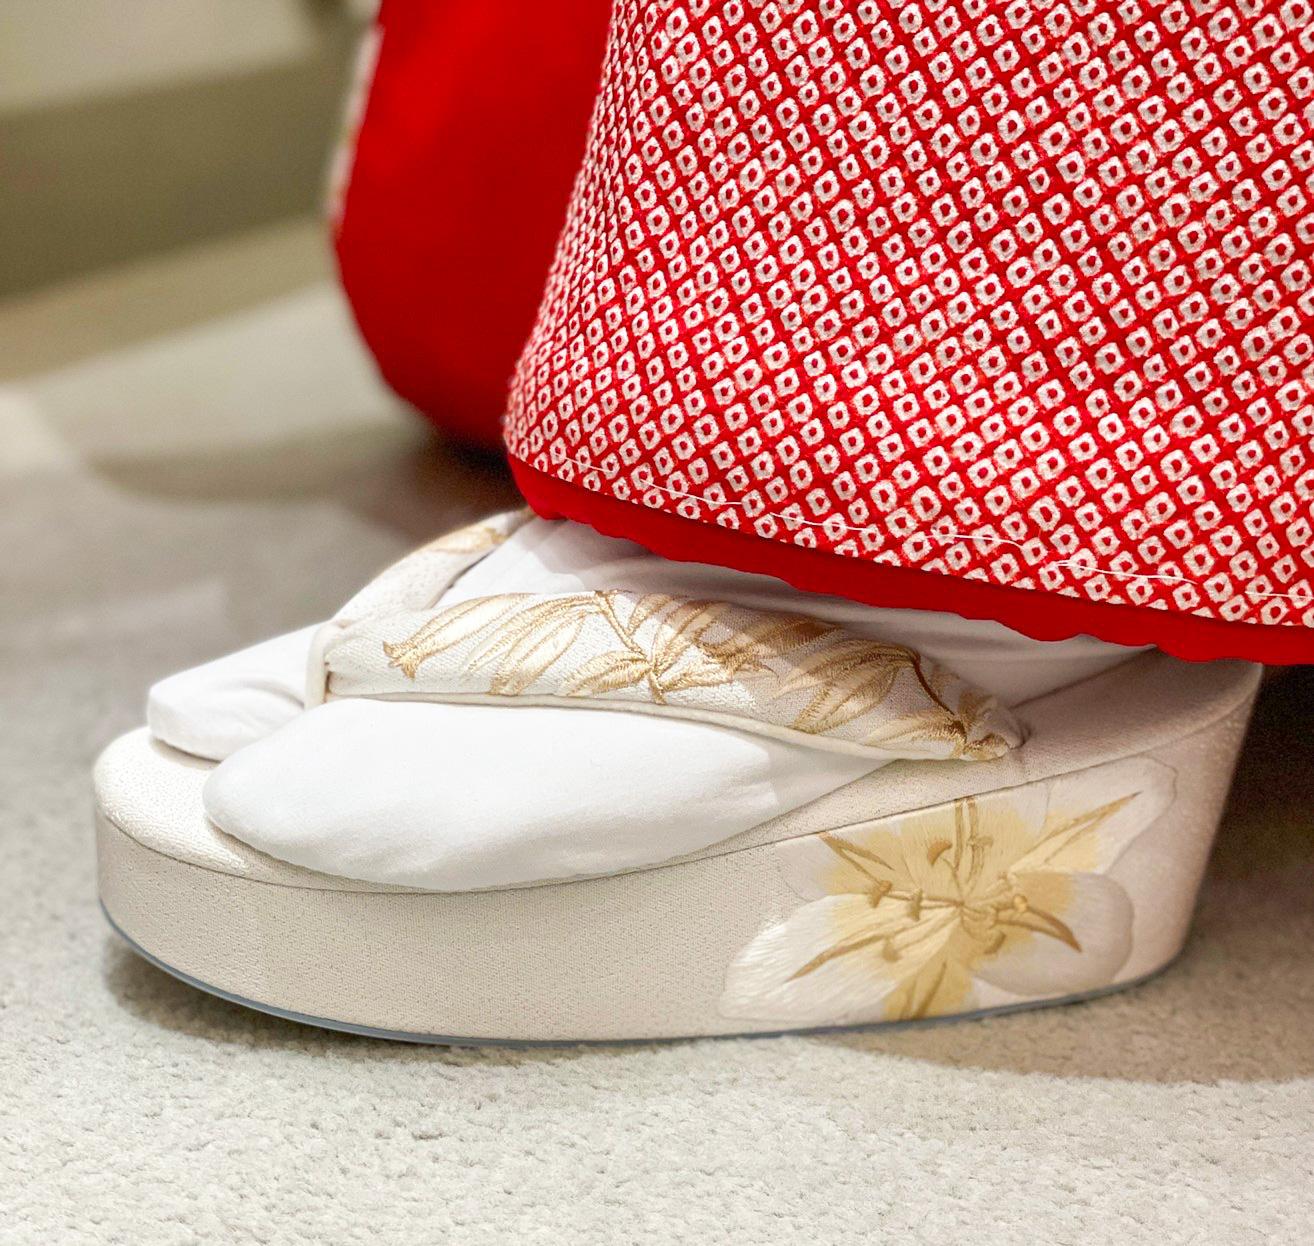 白色にワンポイントでゴールドの花の刺繍があしらわれている草履は上品な印象に着こなしていただけます